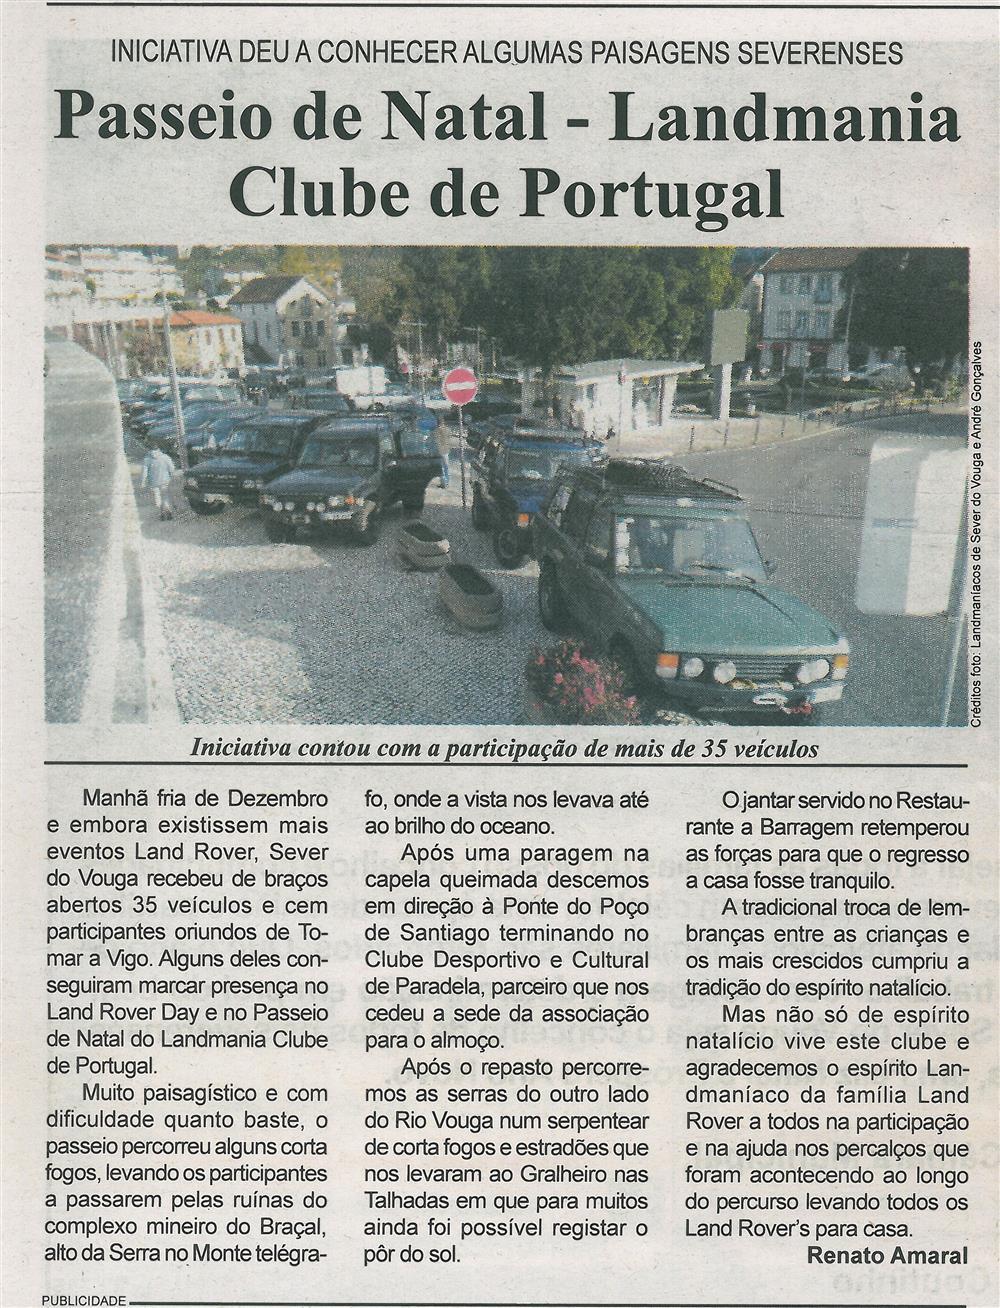 BV-2.ªdez.'18-p.7-Passeio de Natal : Landmania Clube de Portugal : iniciativa deu a conhecer algumas paisagens severenses.jpg